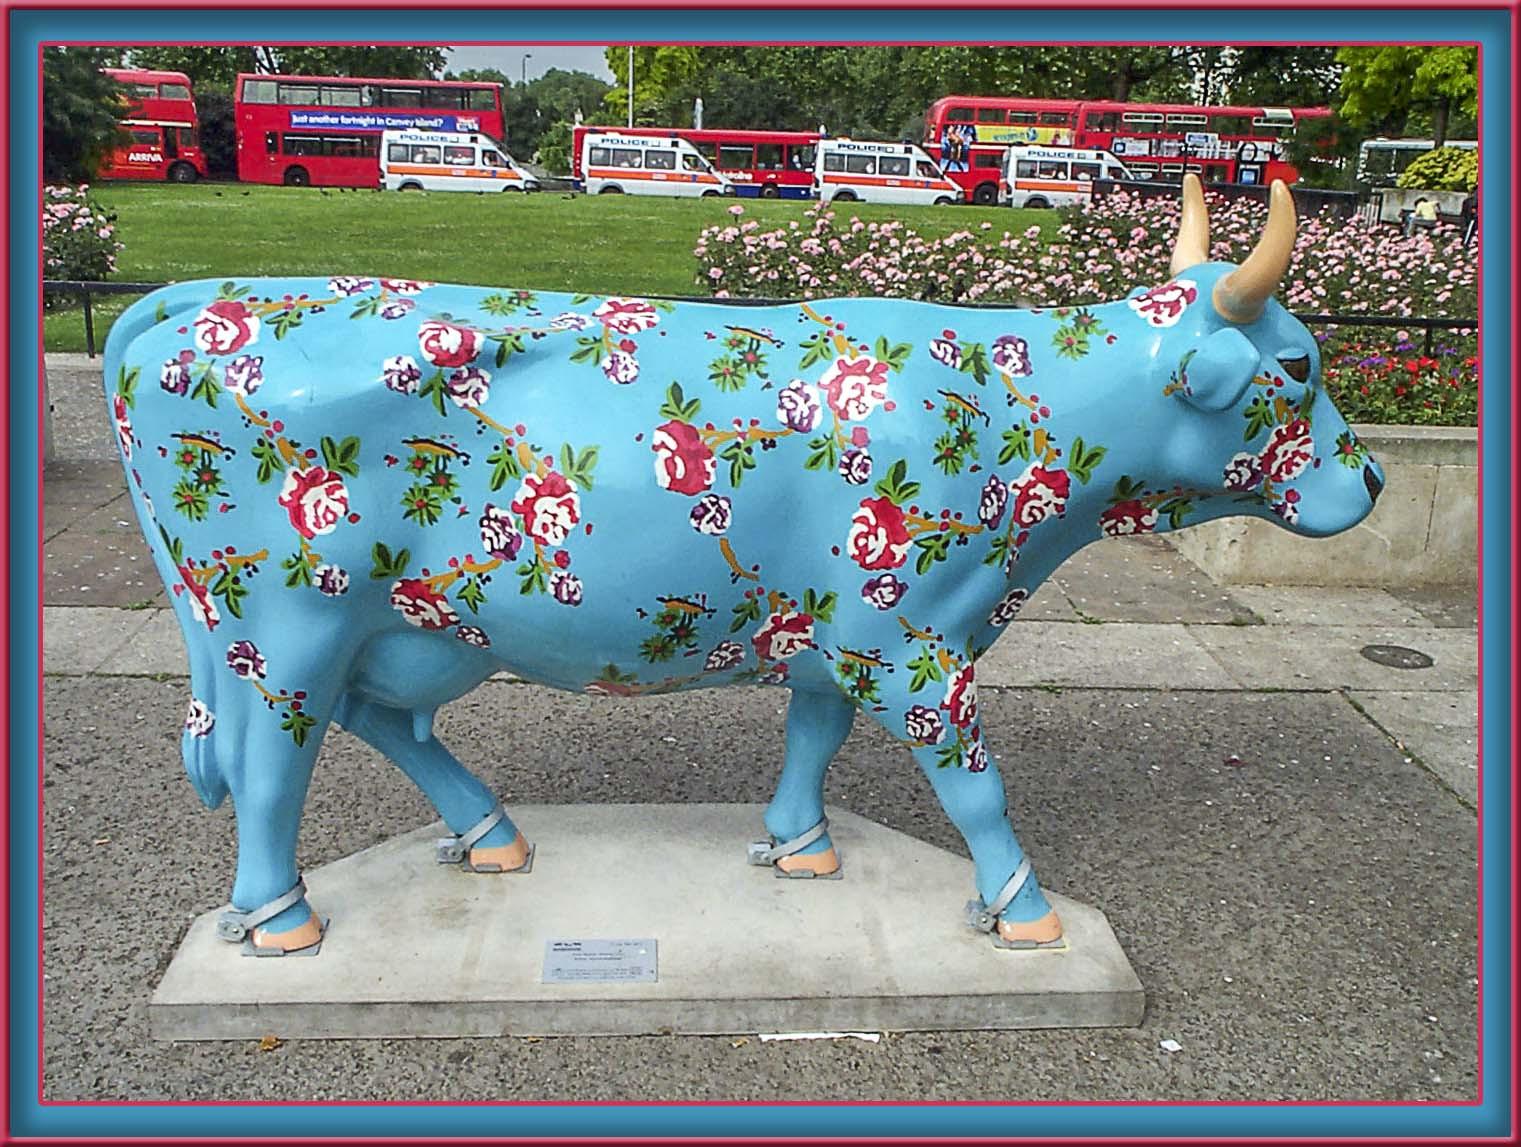 Fondos de pantalla : Londres, Photoshop, Animales, cuerna, azul ...